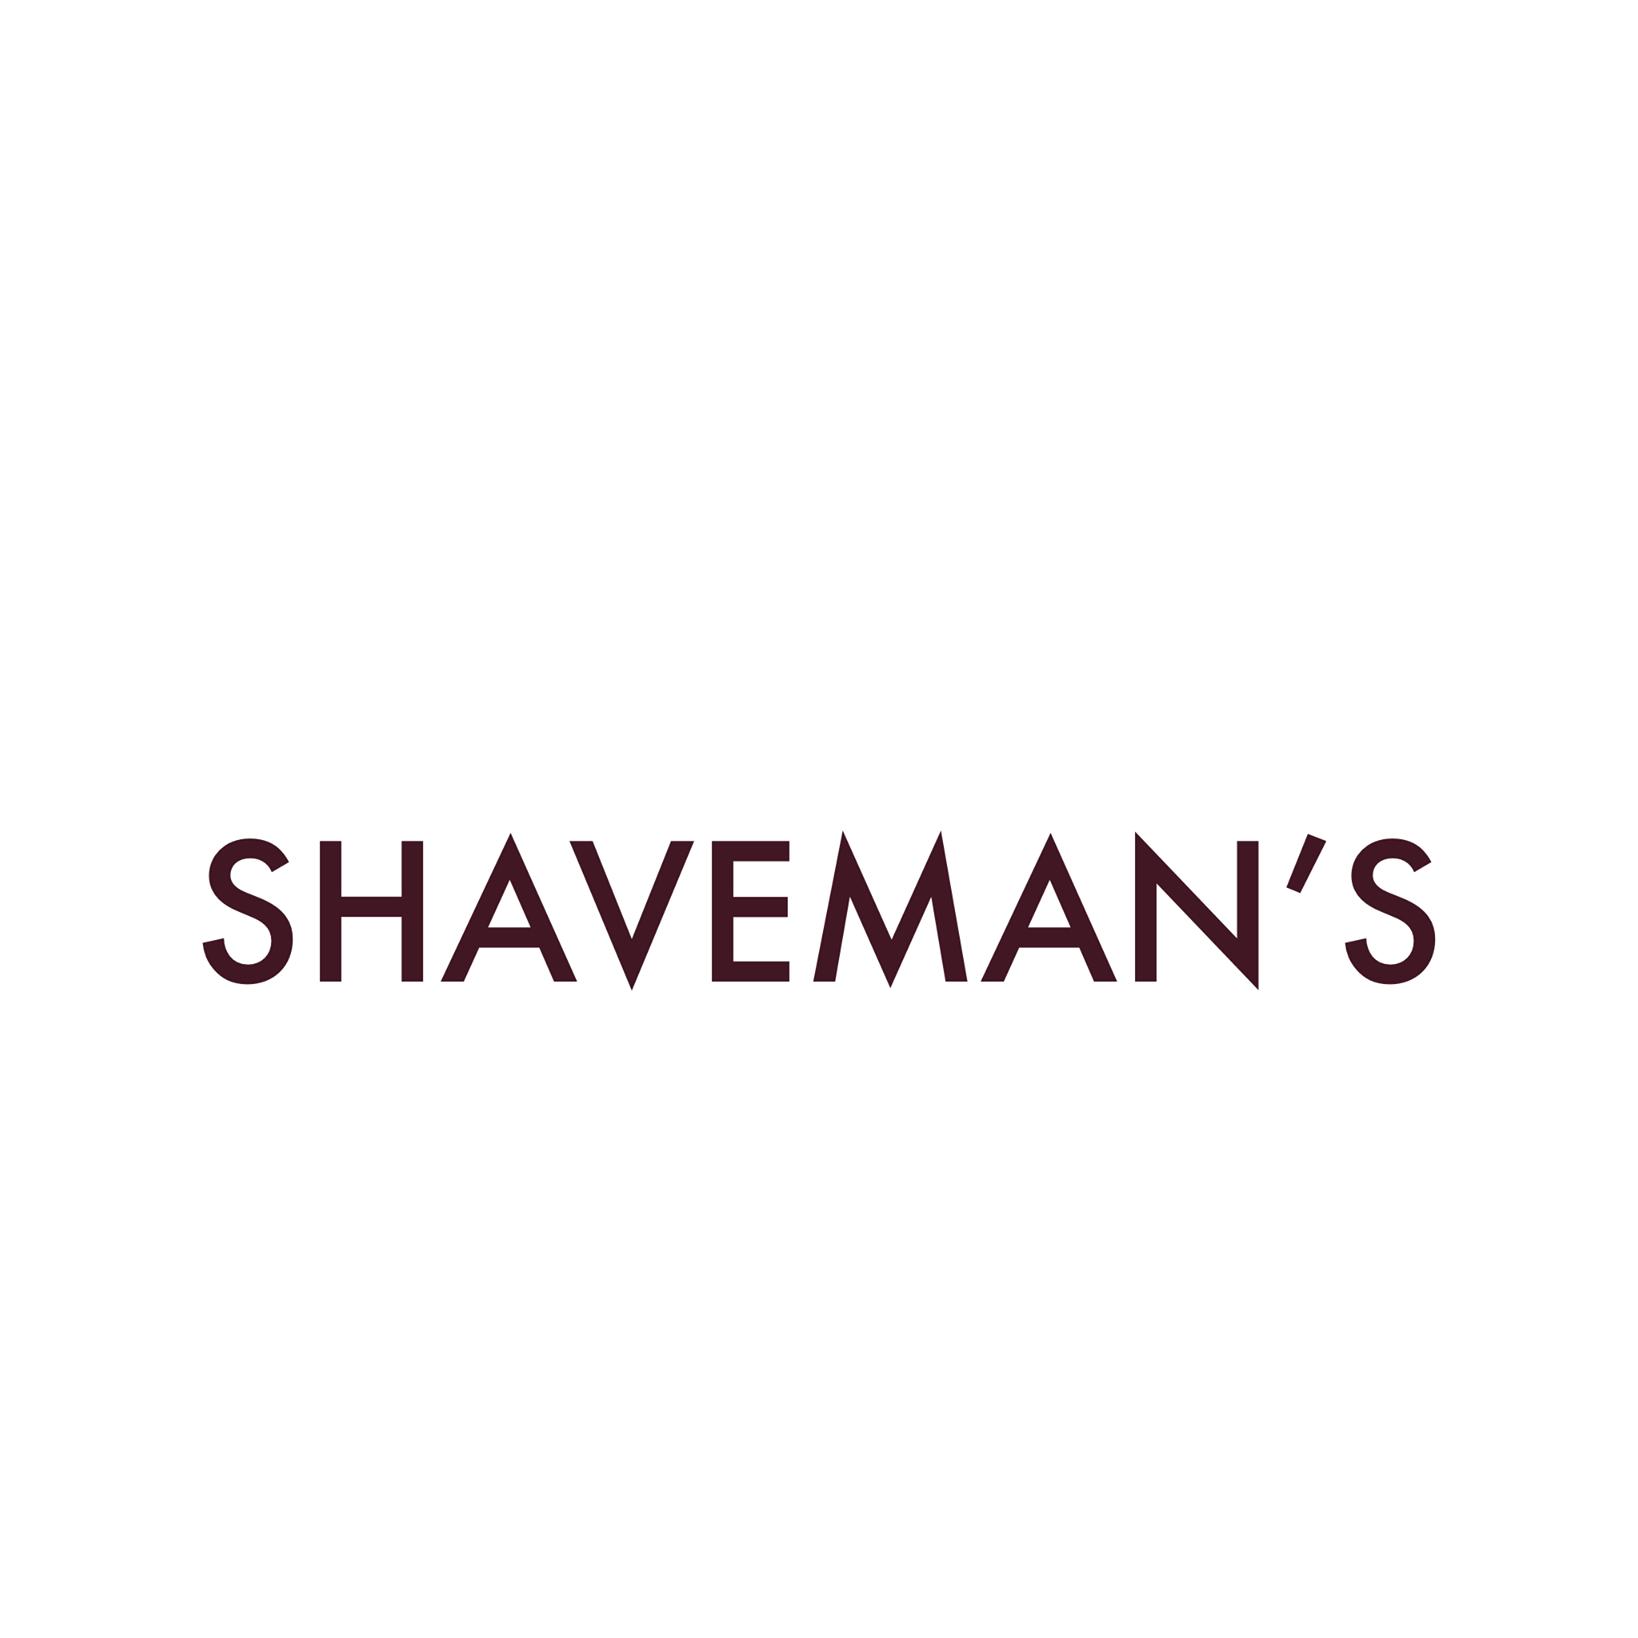 Shaveman's logo